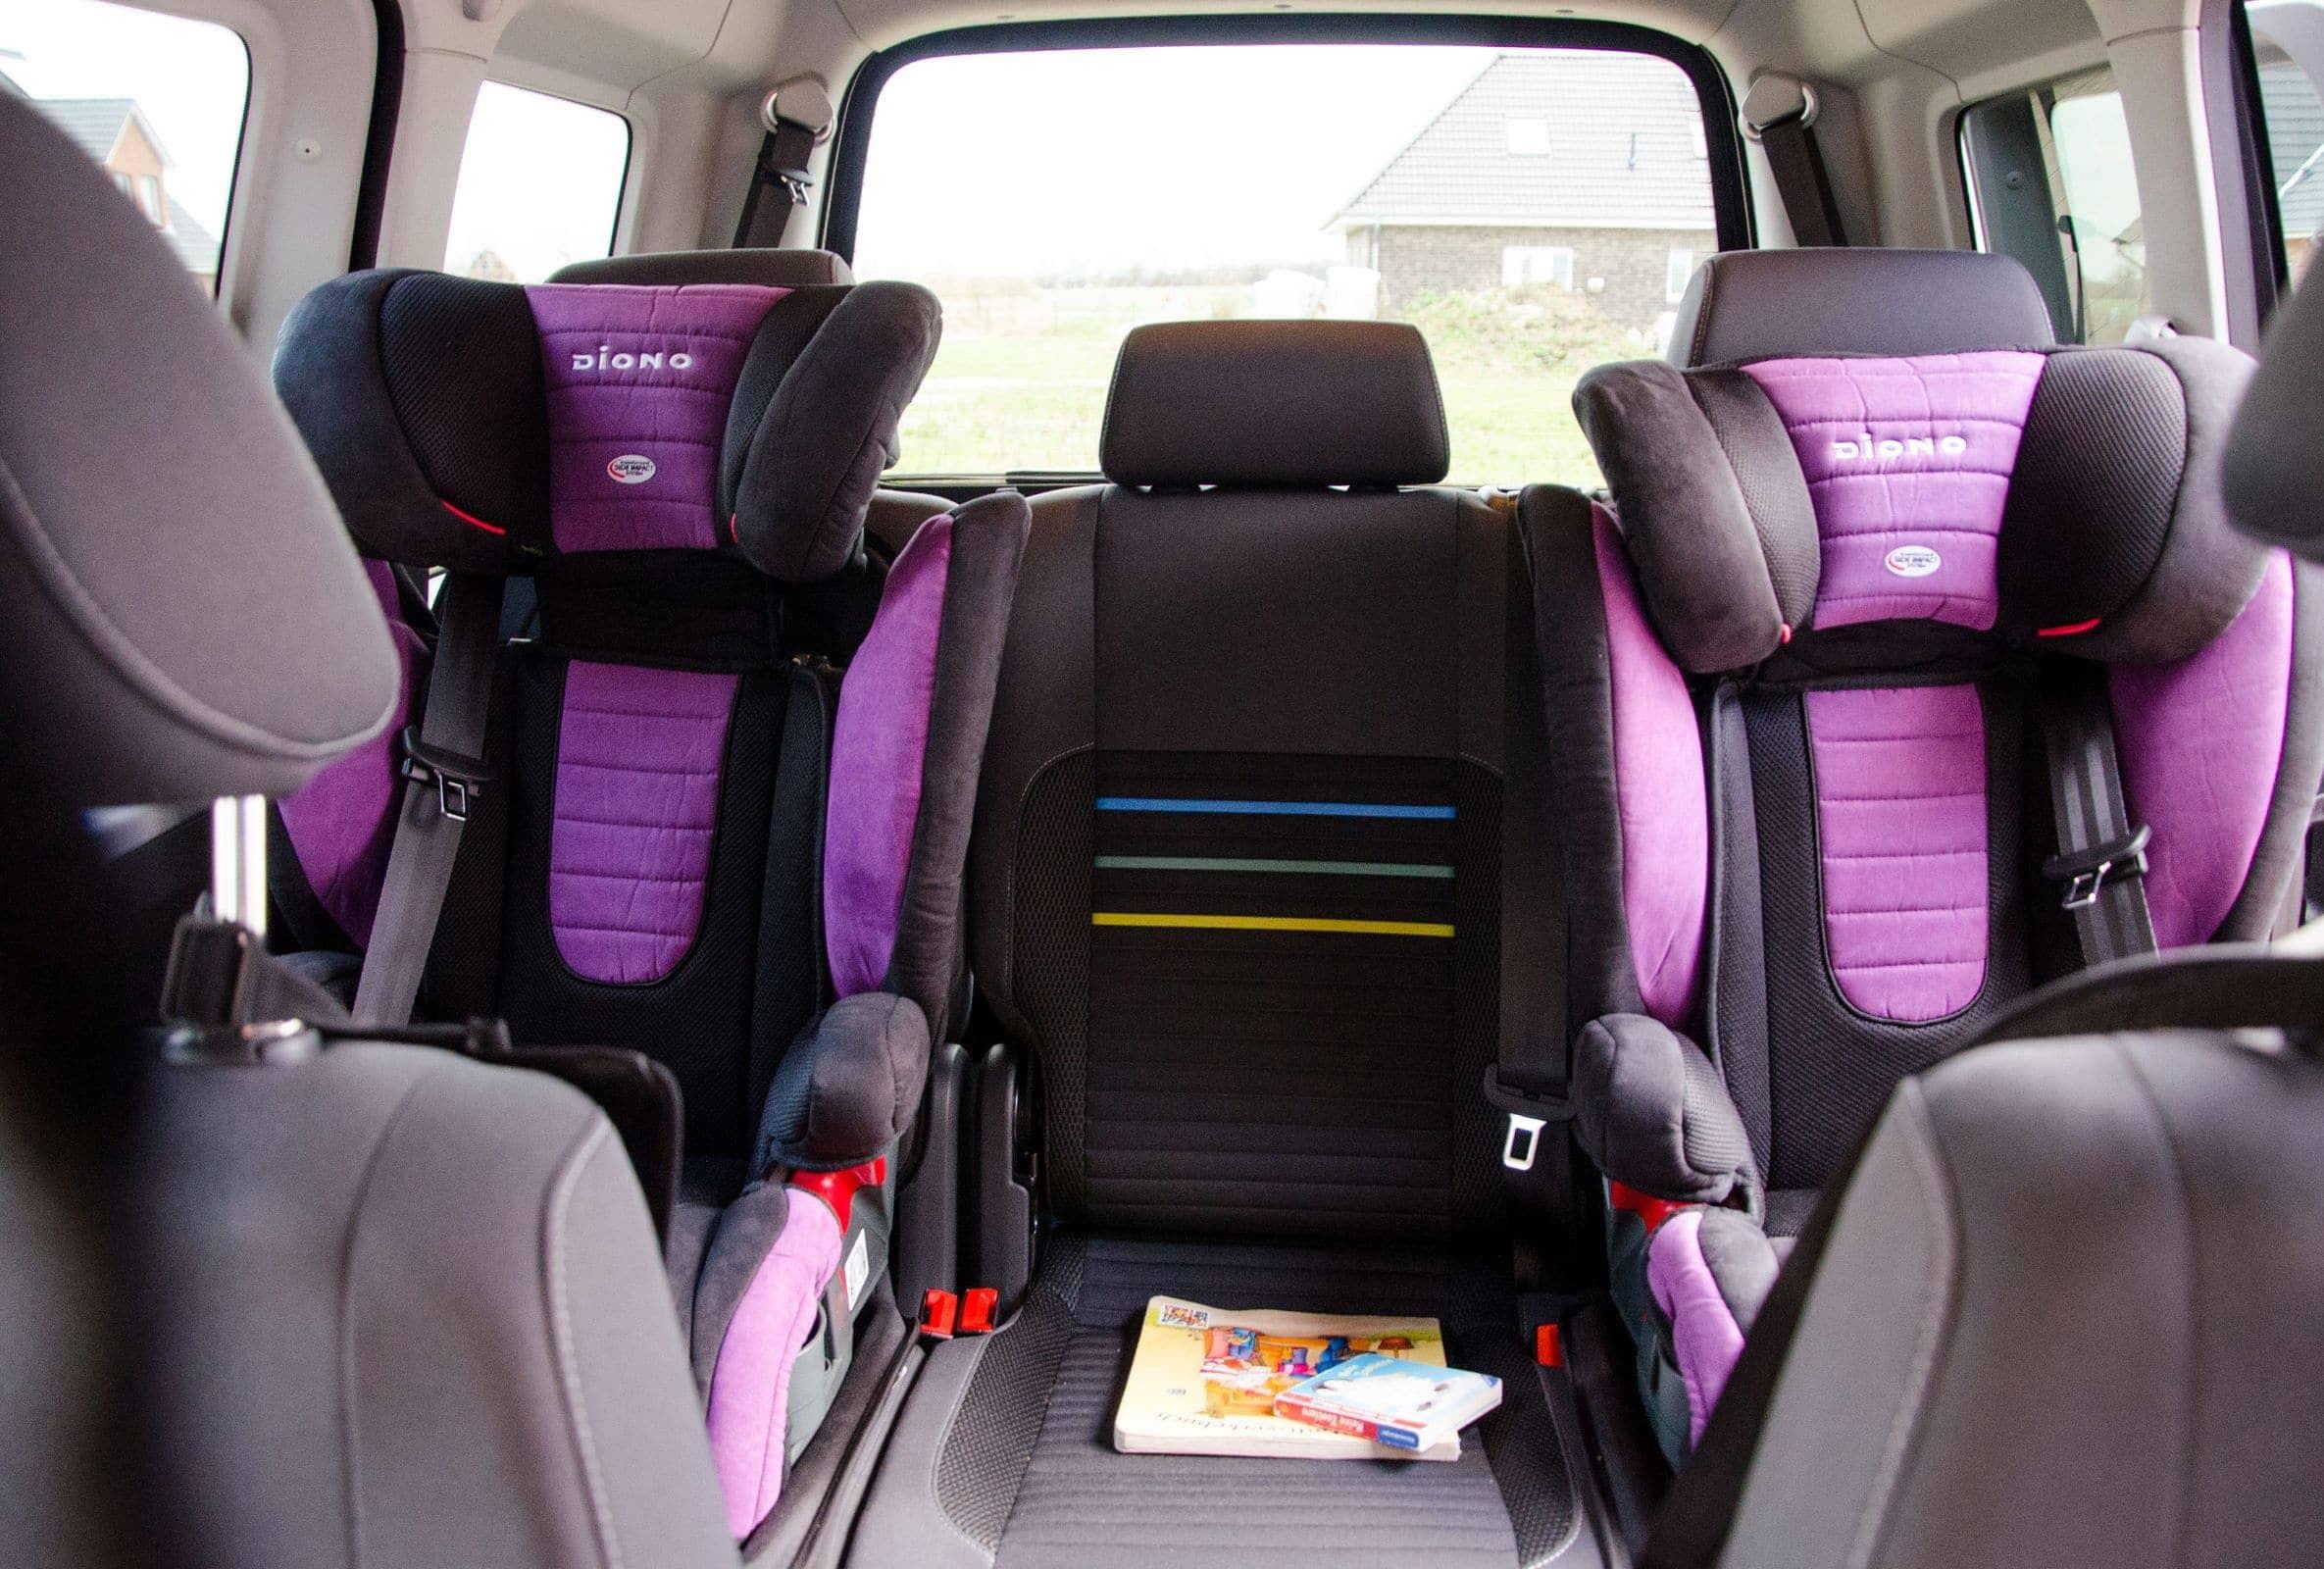 diono monterey 2 ein autositz im test sch nes. Black Bedroom Furniture Sets. Home Design Ideas